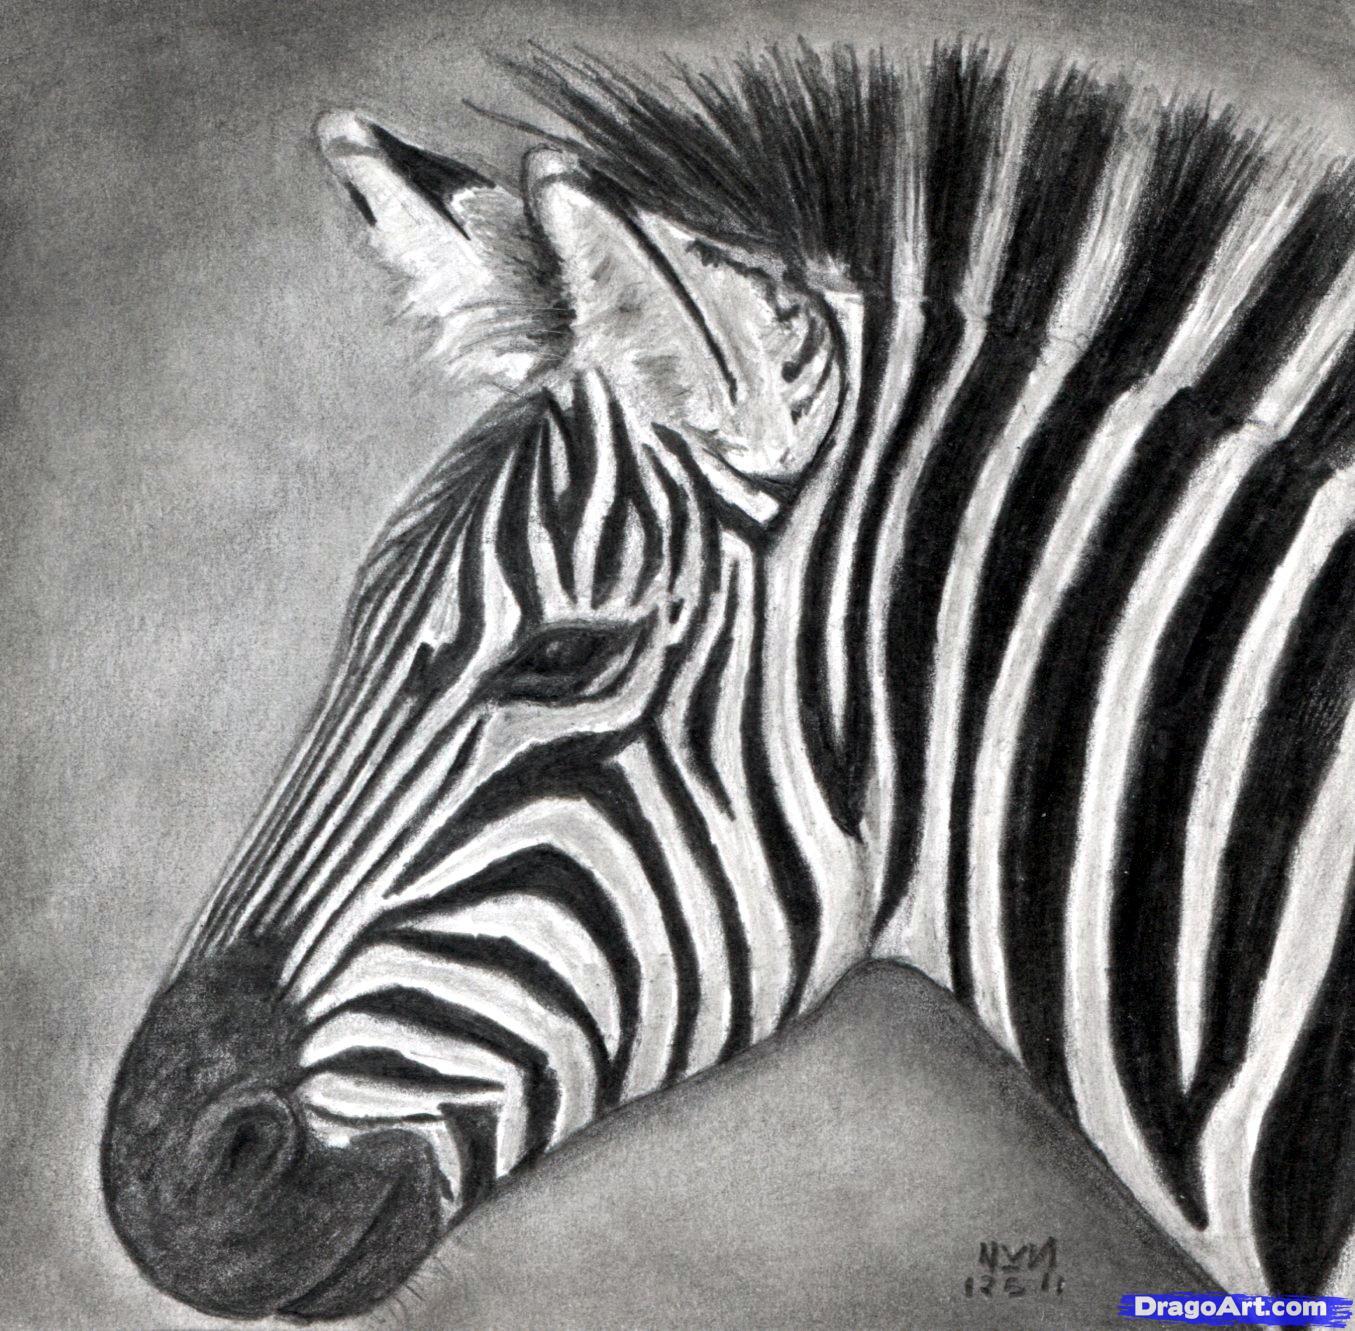 Drawn zebra A draw draw zebra a